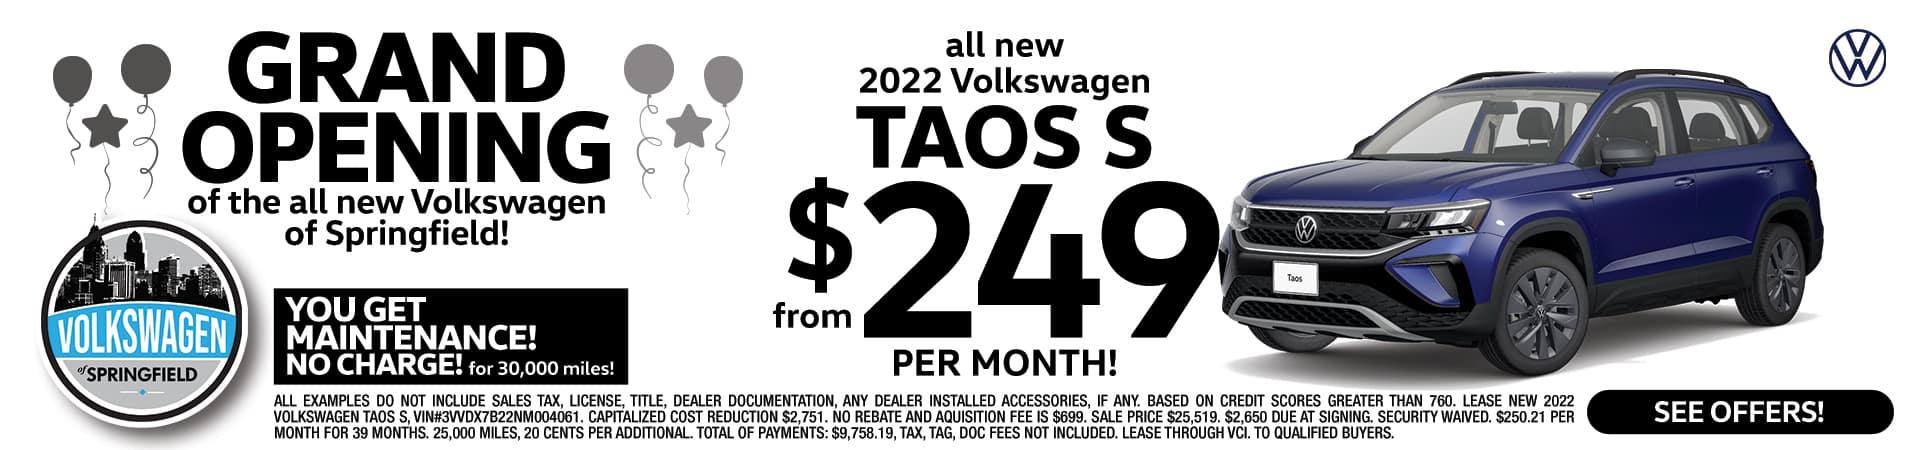 VWS_Taos_1920x450_slider_071421